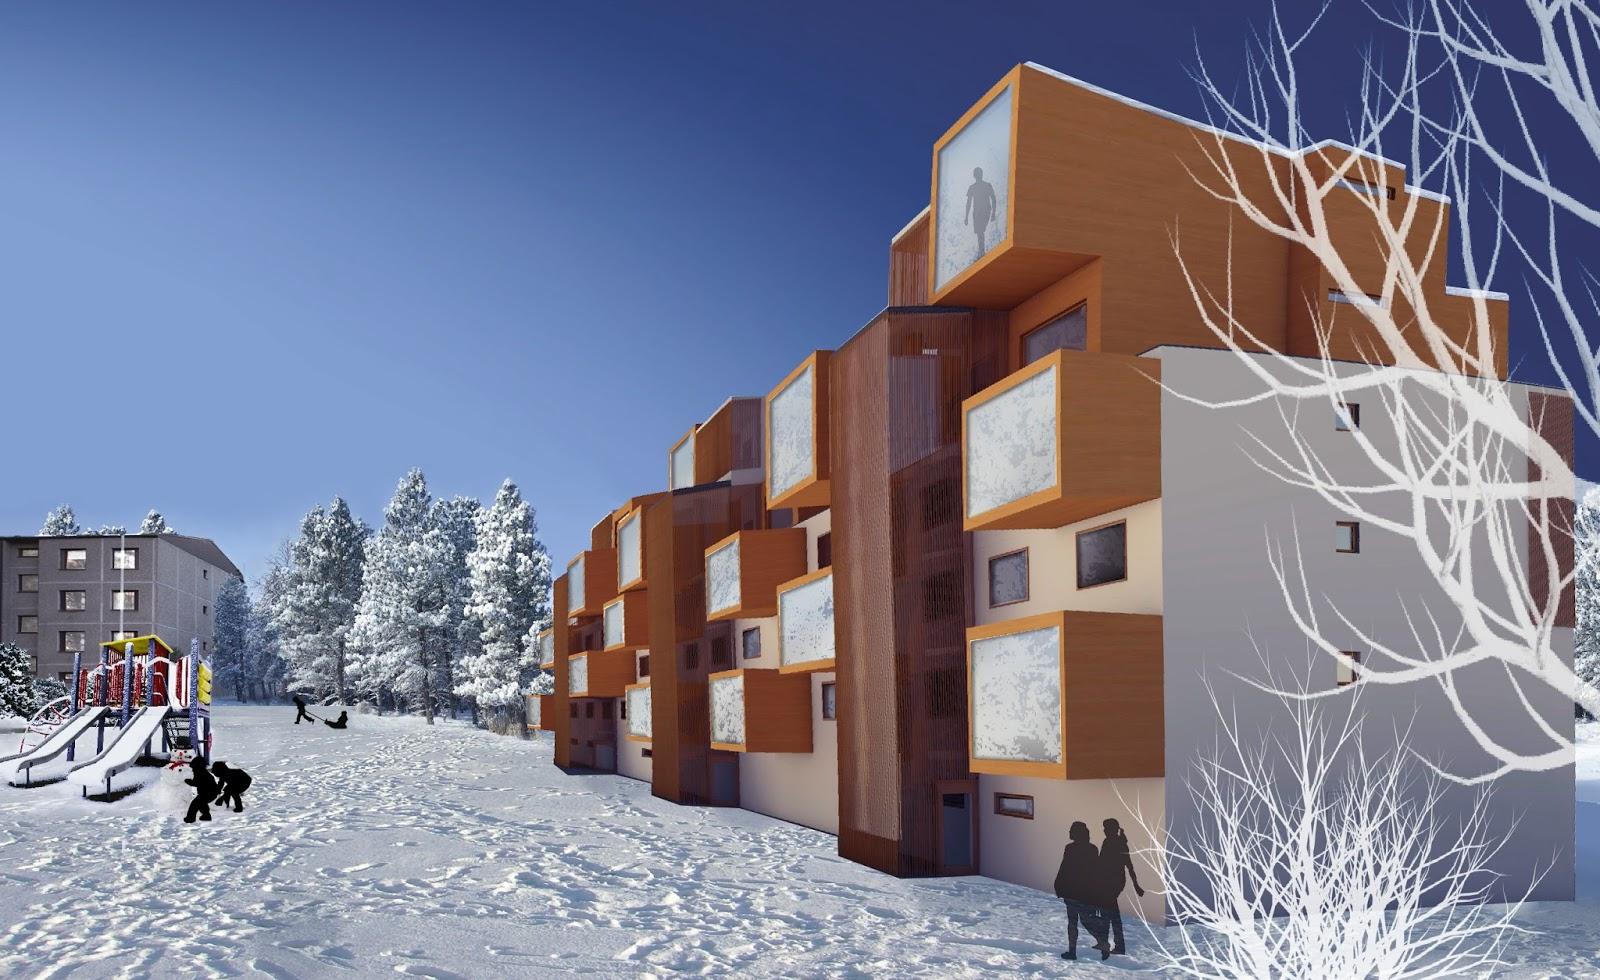 id arkkitehtuuri opiskelija kilpailu tty